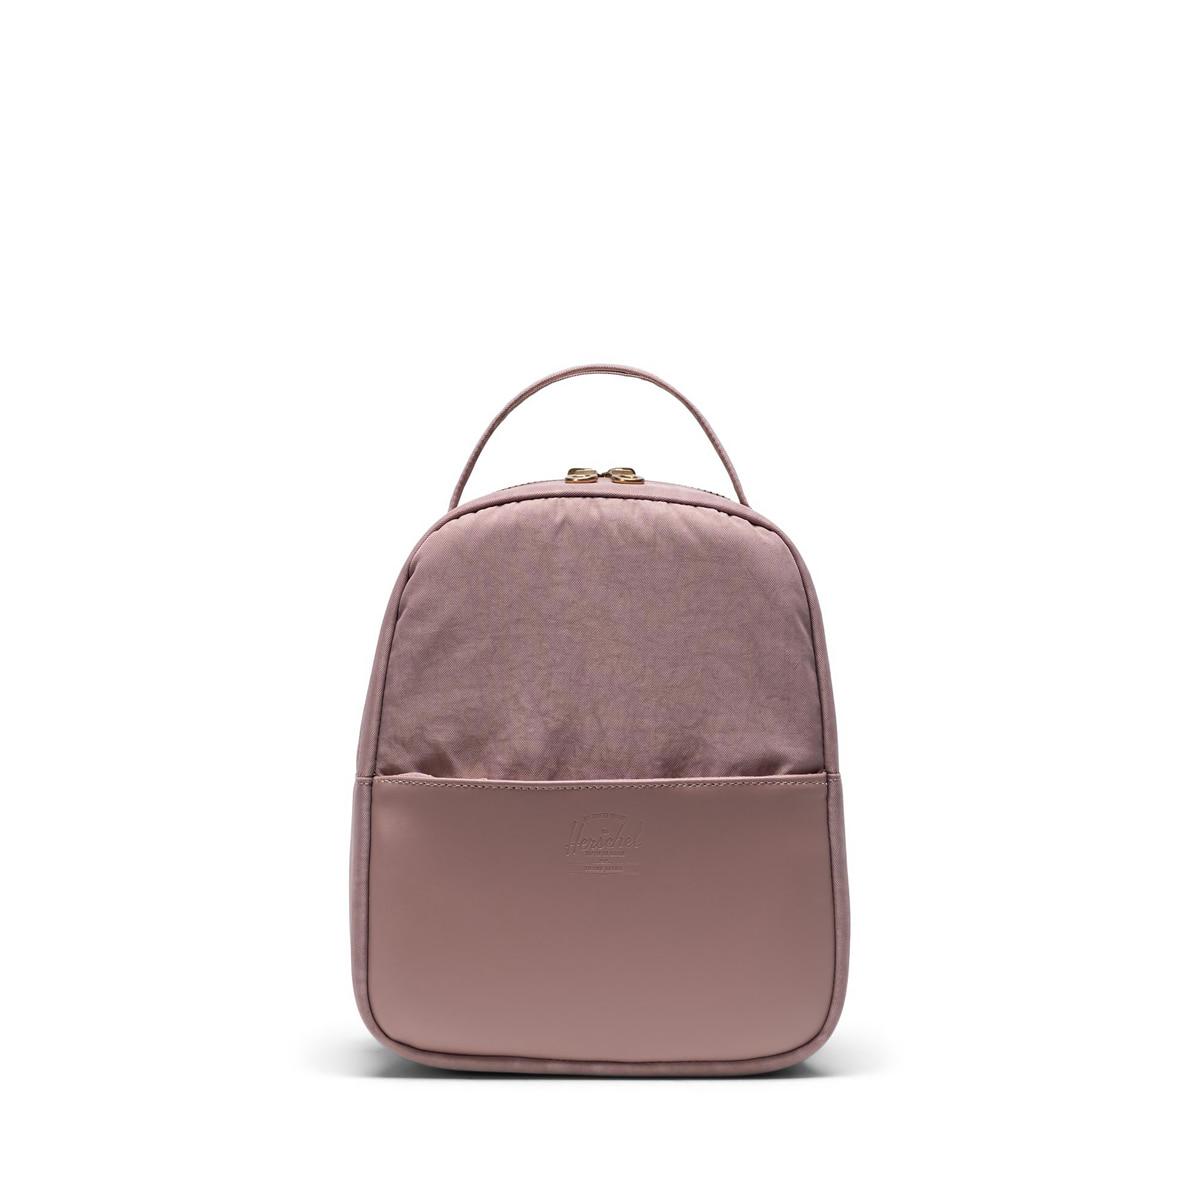 Best Mini Backpack for Women